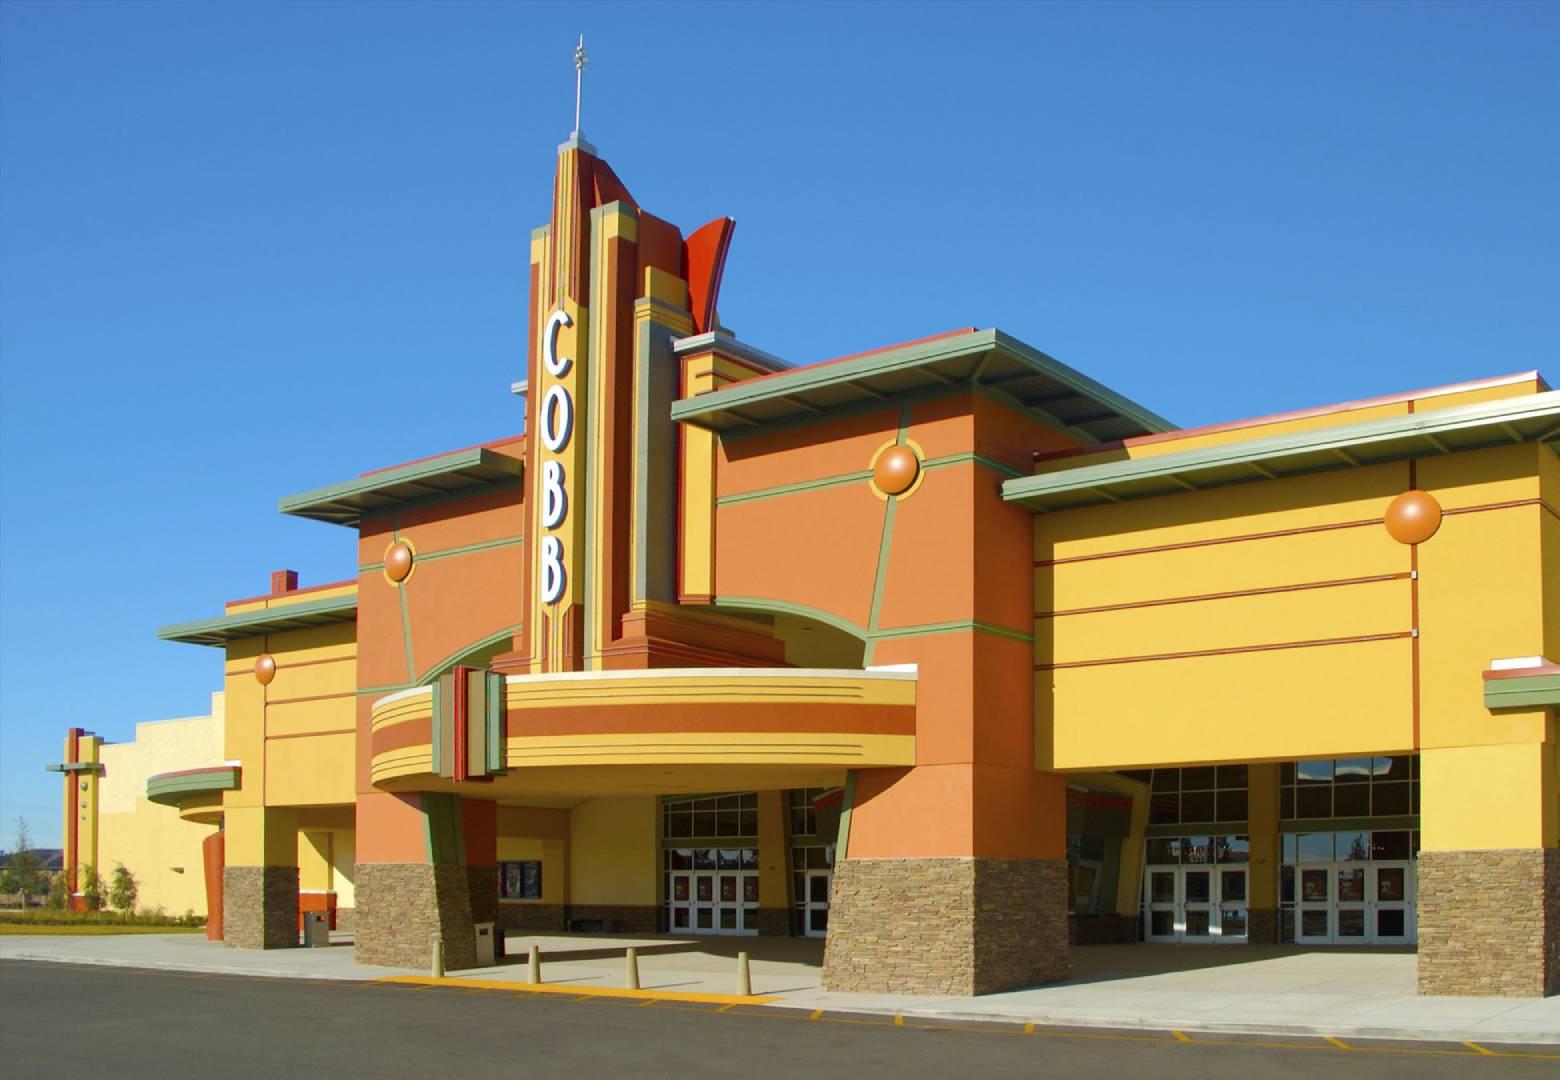 CinéBistro-Grove, Wesley Chapel, FL